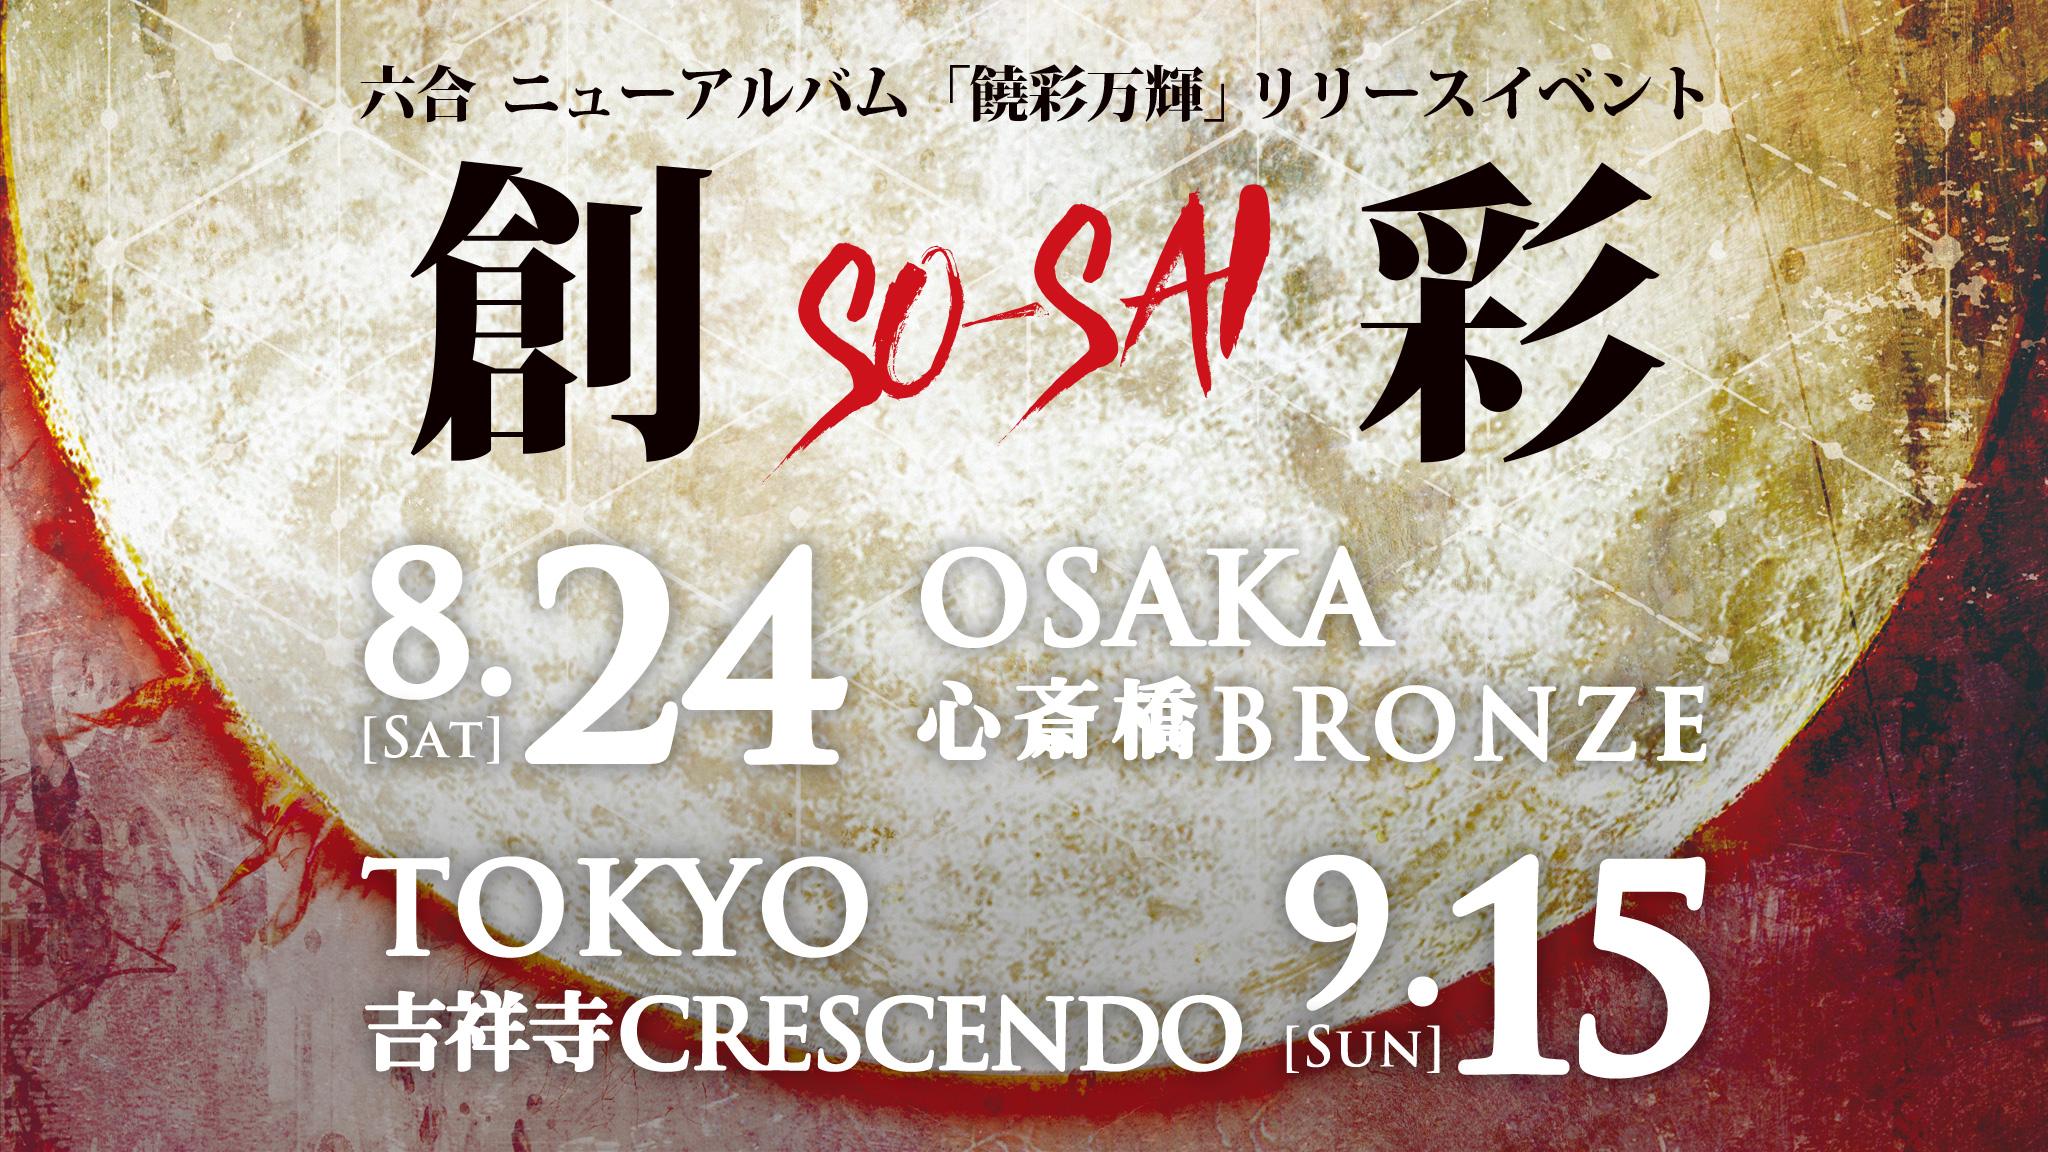 六合、ニューアルバムリリース記念イベント開催!